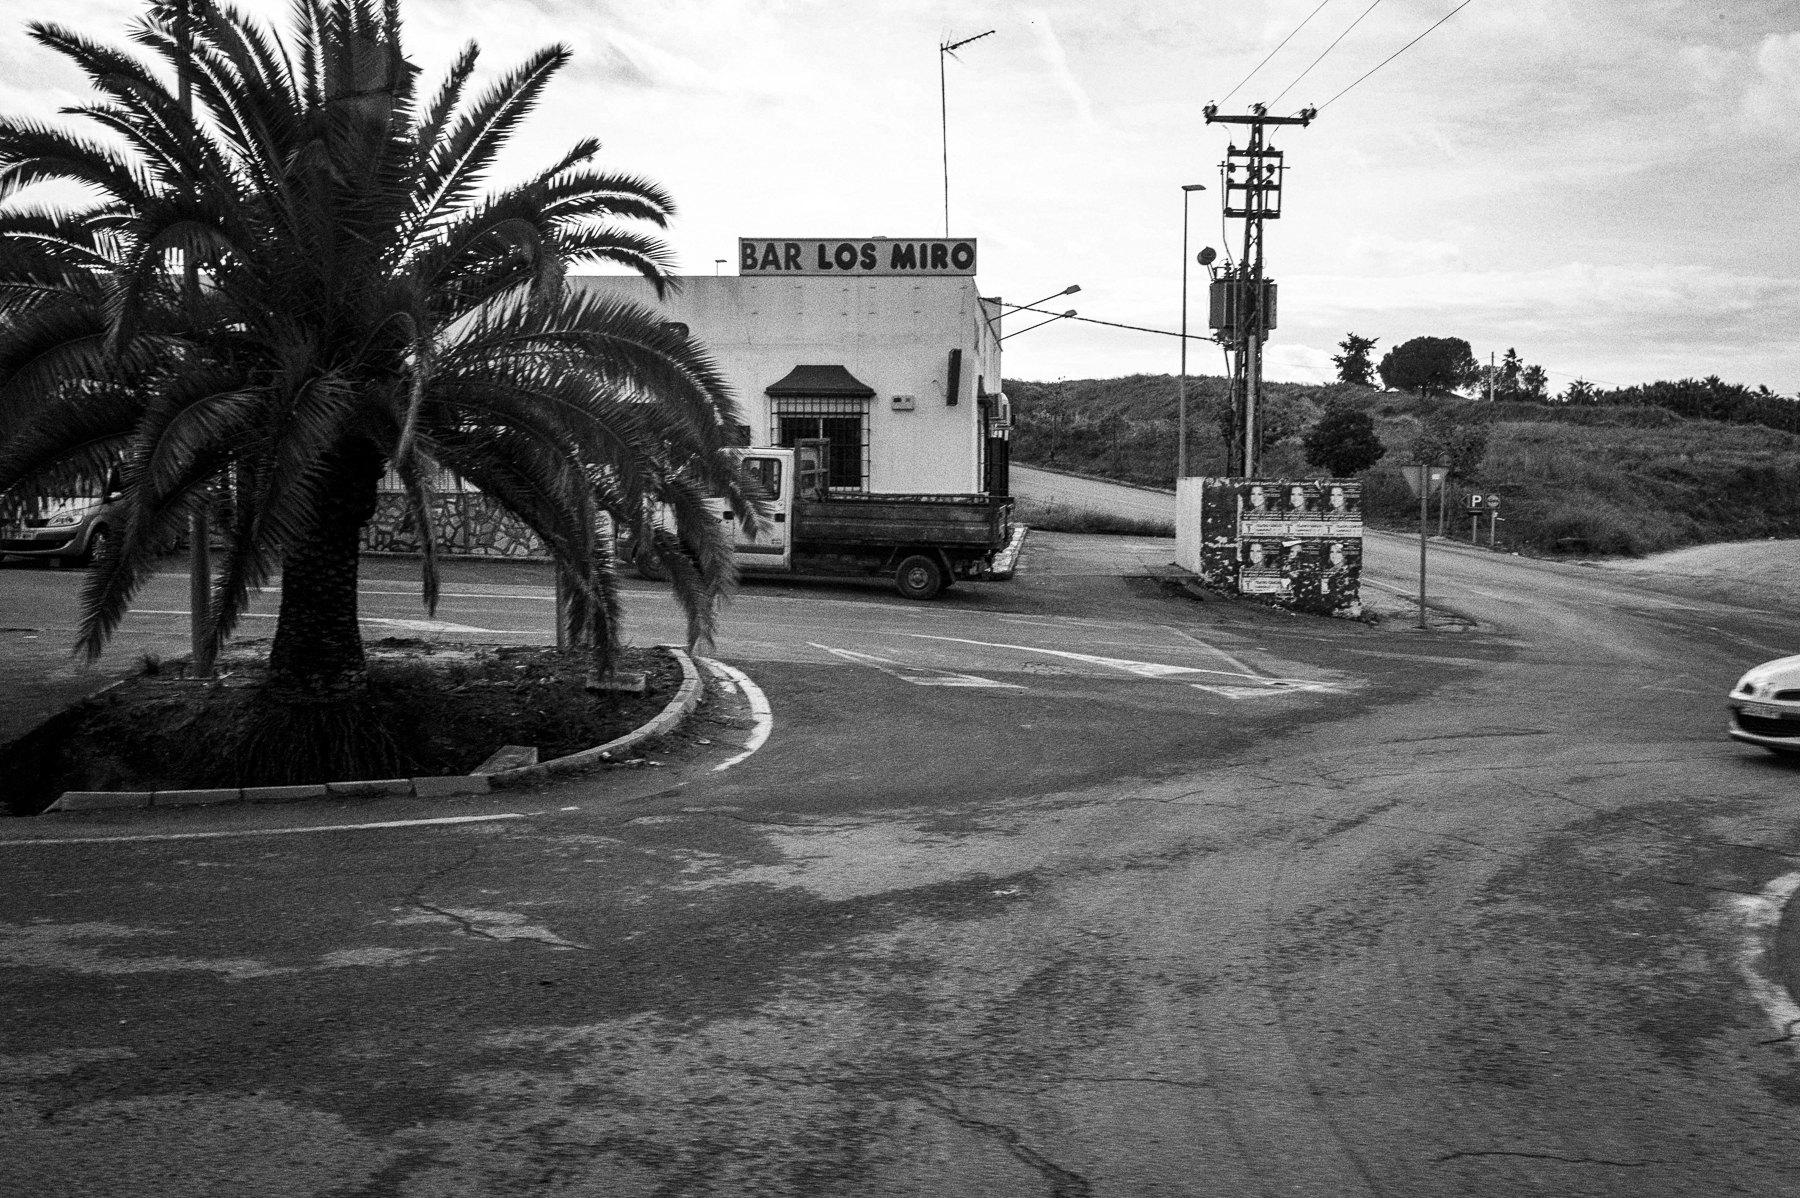 Near Carmona, Spain